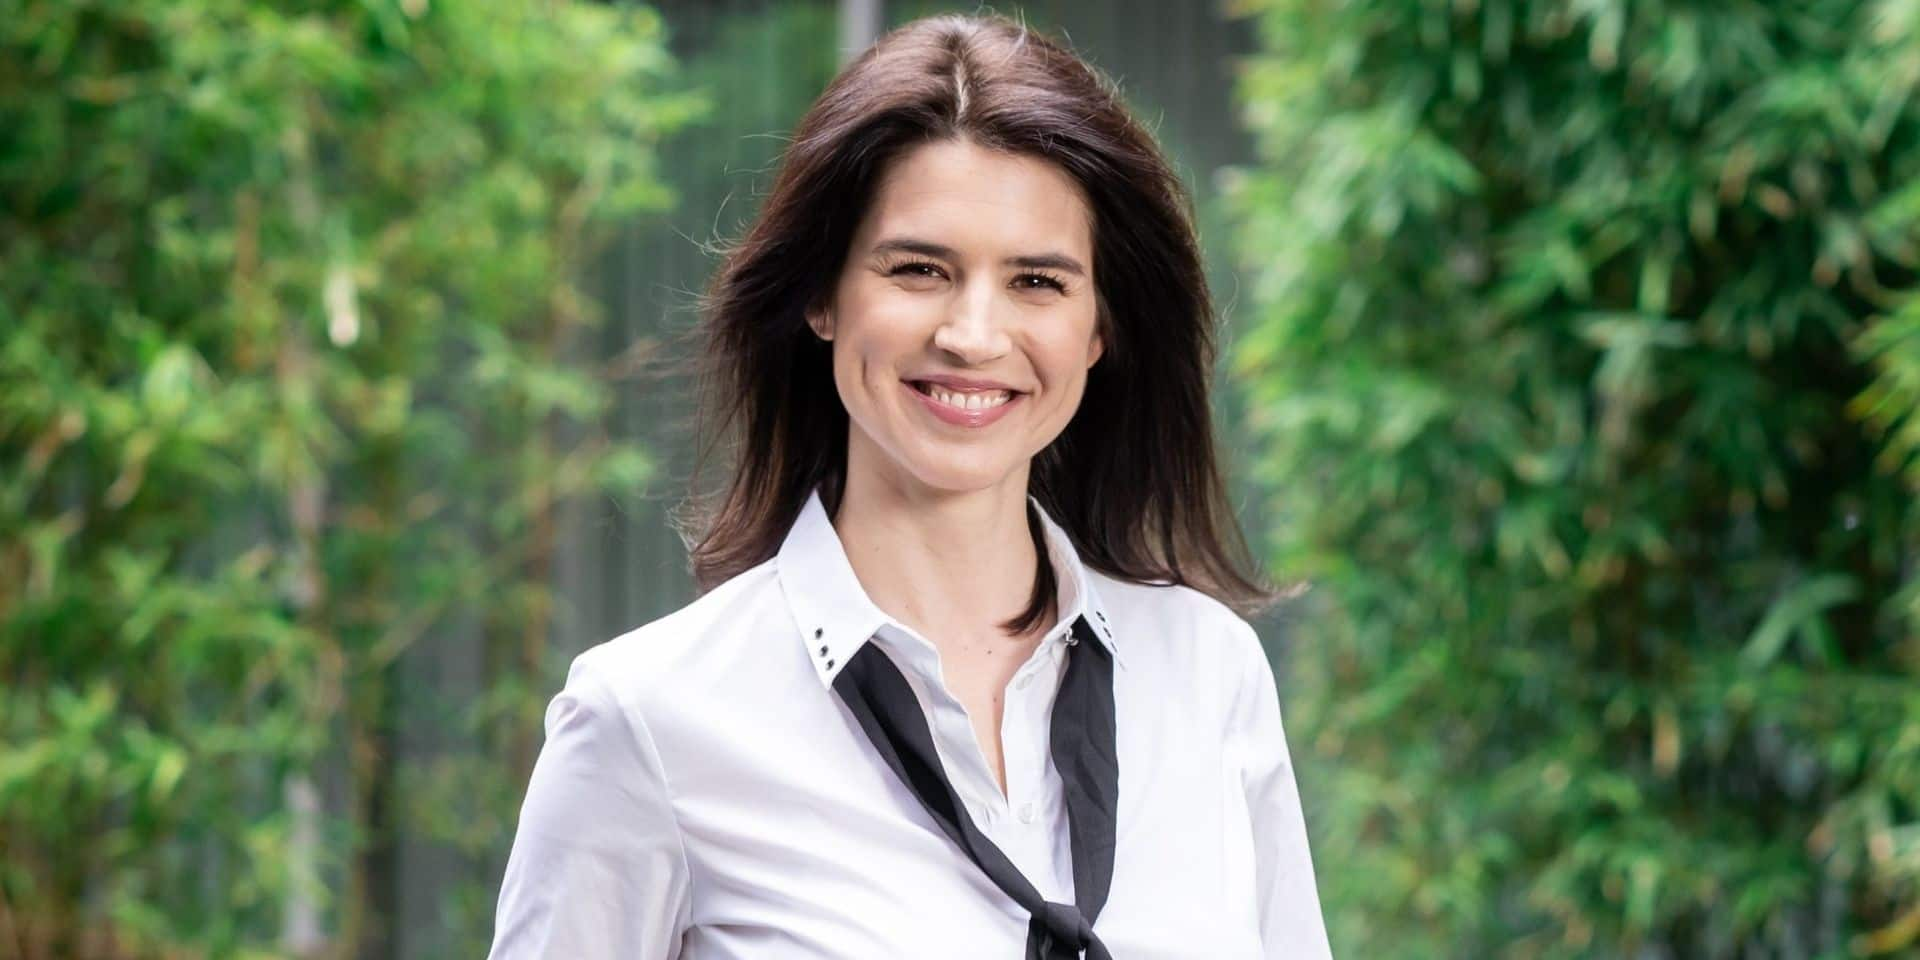 """Face au juge reprend ce dimanche sur RTL, toujours avec Julie Denayer : """"Des affaires jamais vues auparavant"""""""